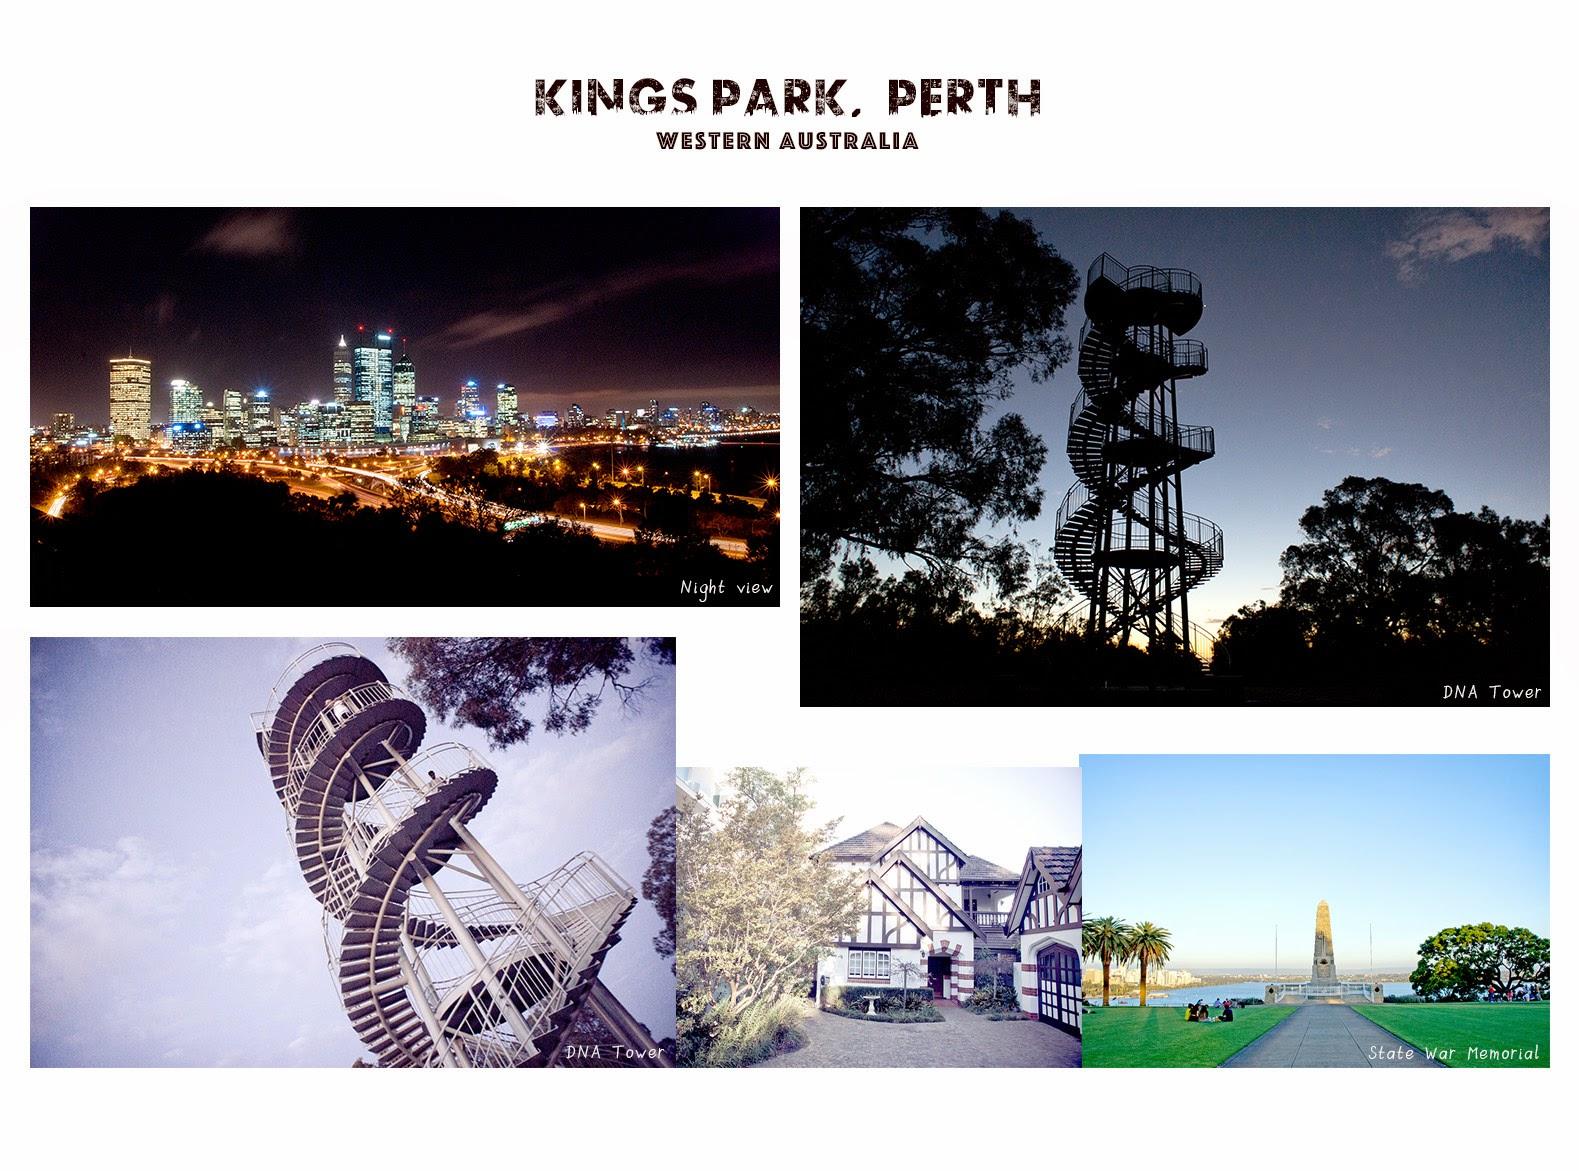 西澳旅遊|Perth Kings Park 國王公園.遠眺西澳城市最美夜景